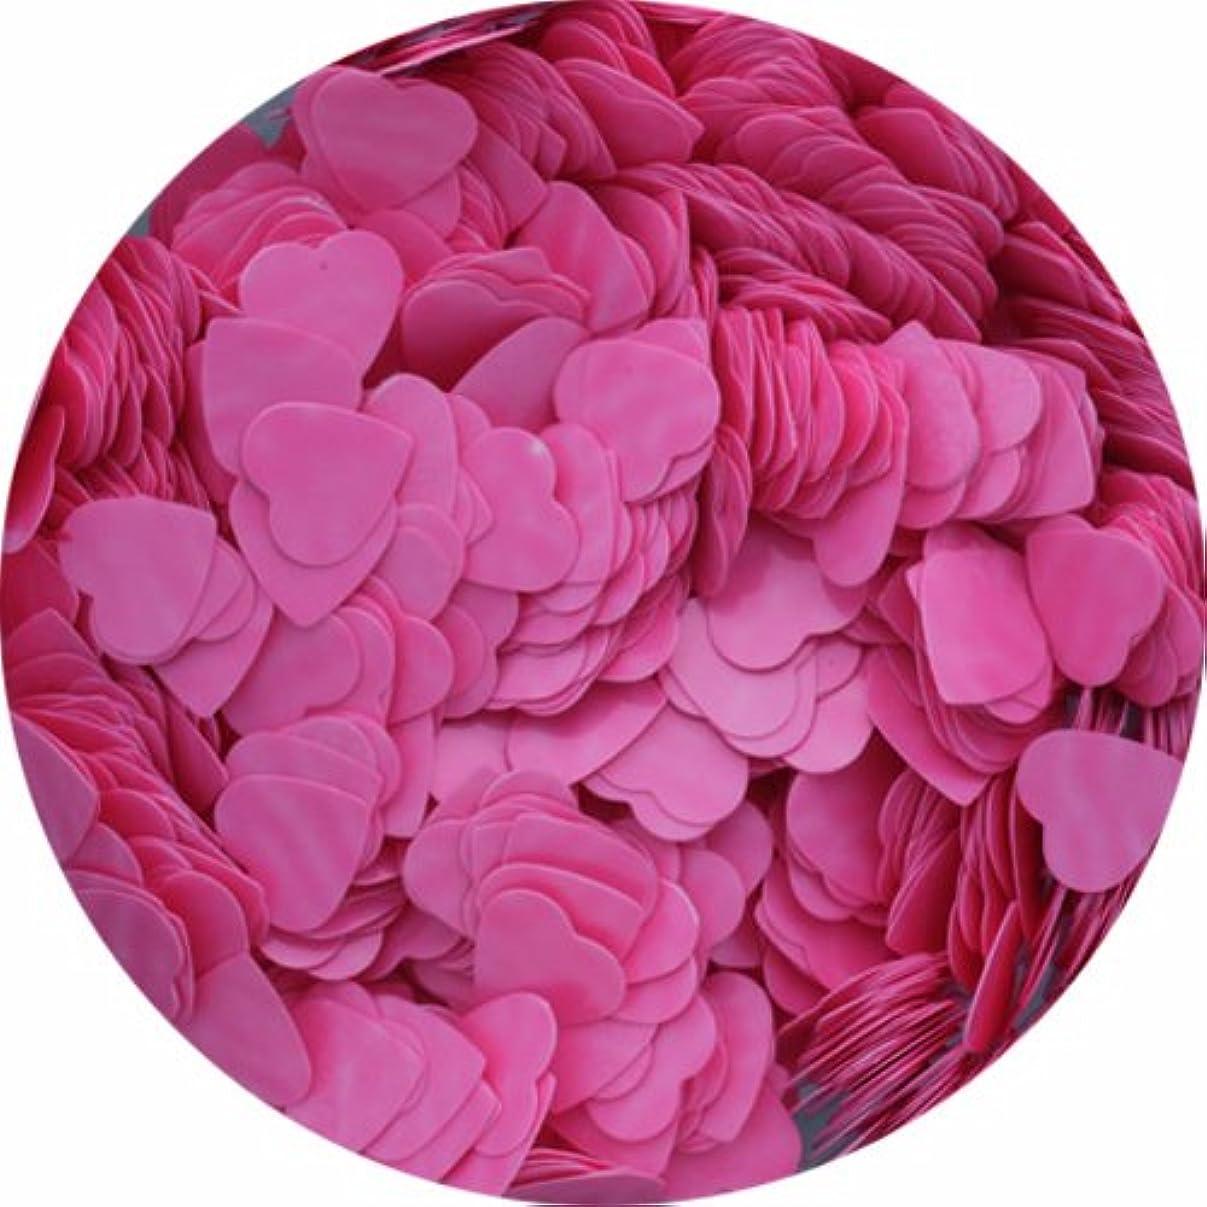 一人で凍ったナサニエル区ビューティーネイラー ネイル用パウダー 黒崎えり子 ジュエリーコレクション ピンクハート